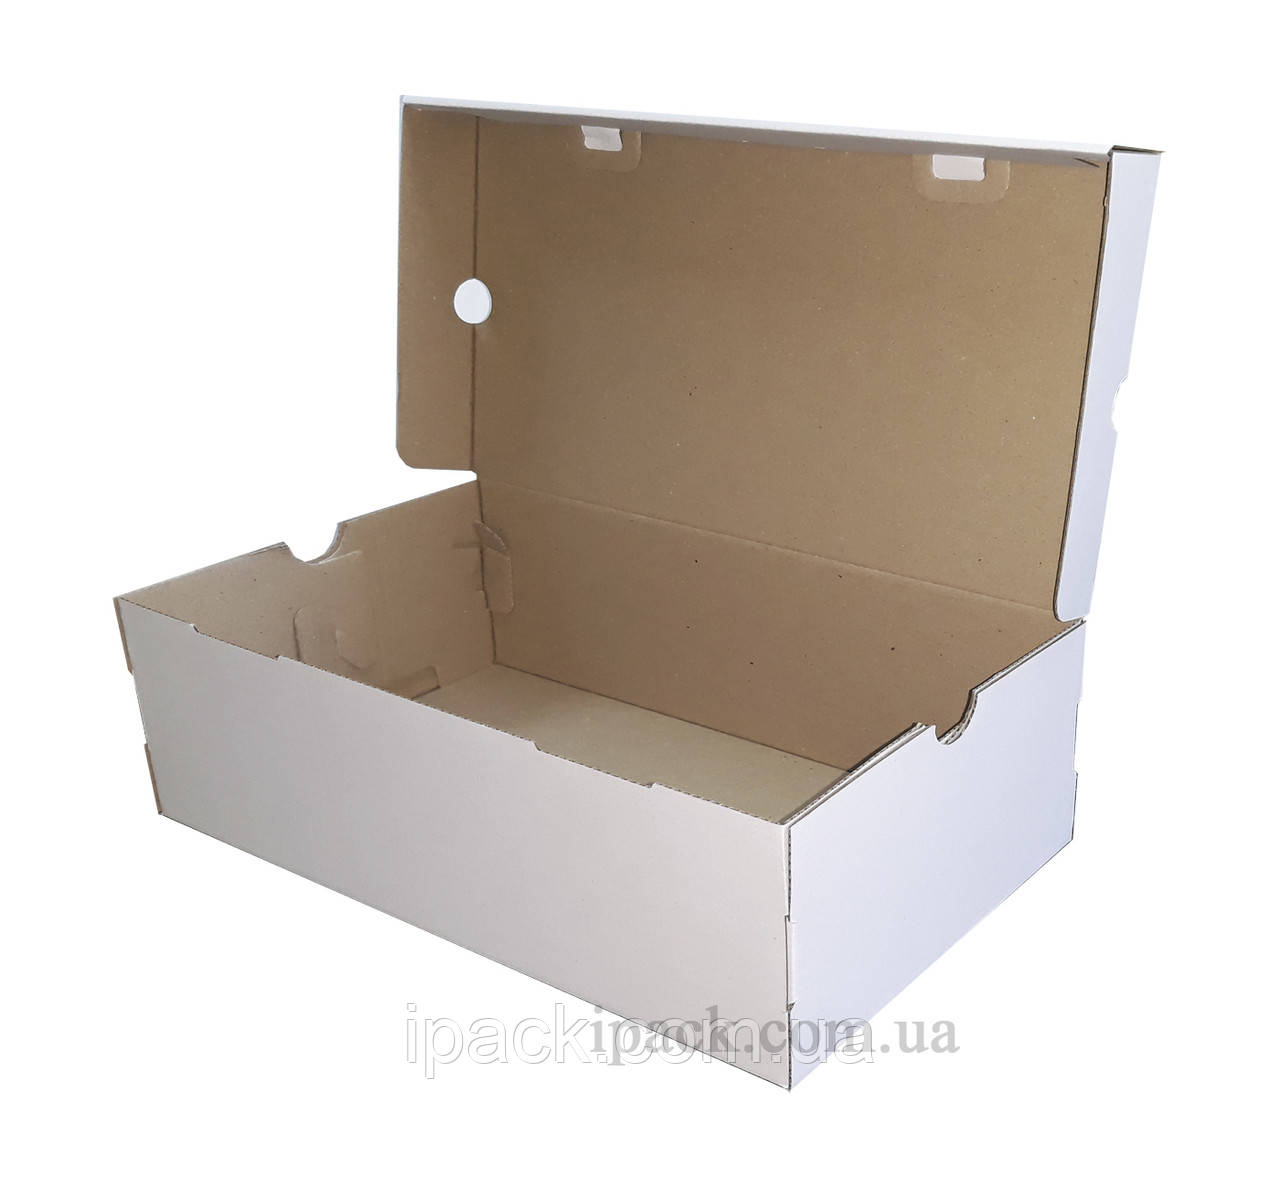 Коробка для обуви, белая, 335*255*130 мм, микрогофрокартон, обувная коробка